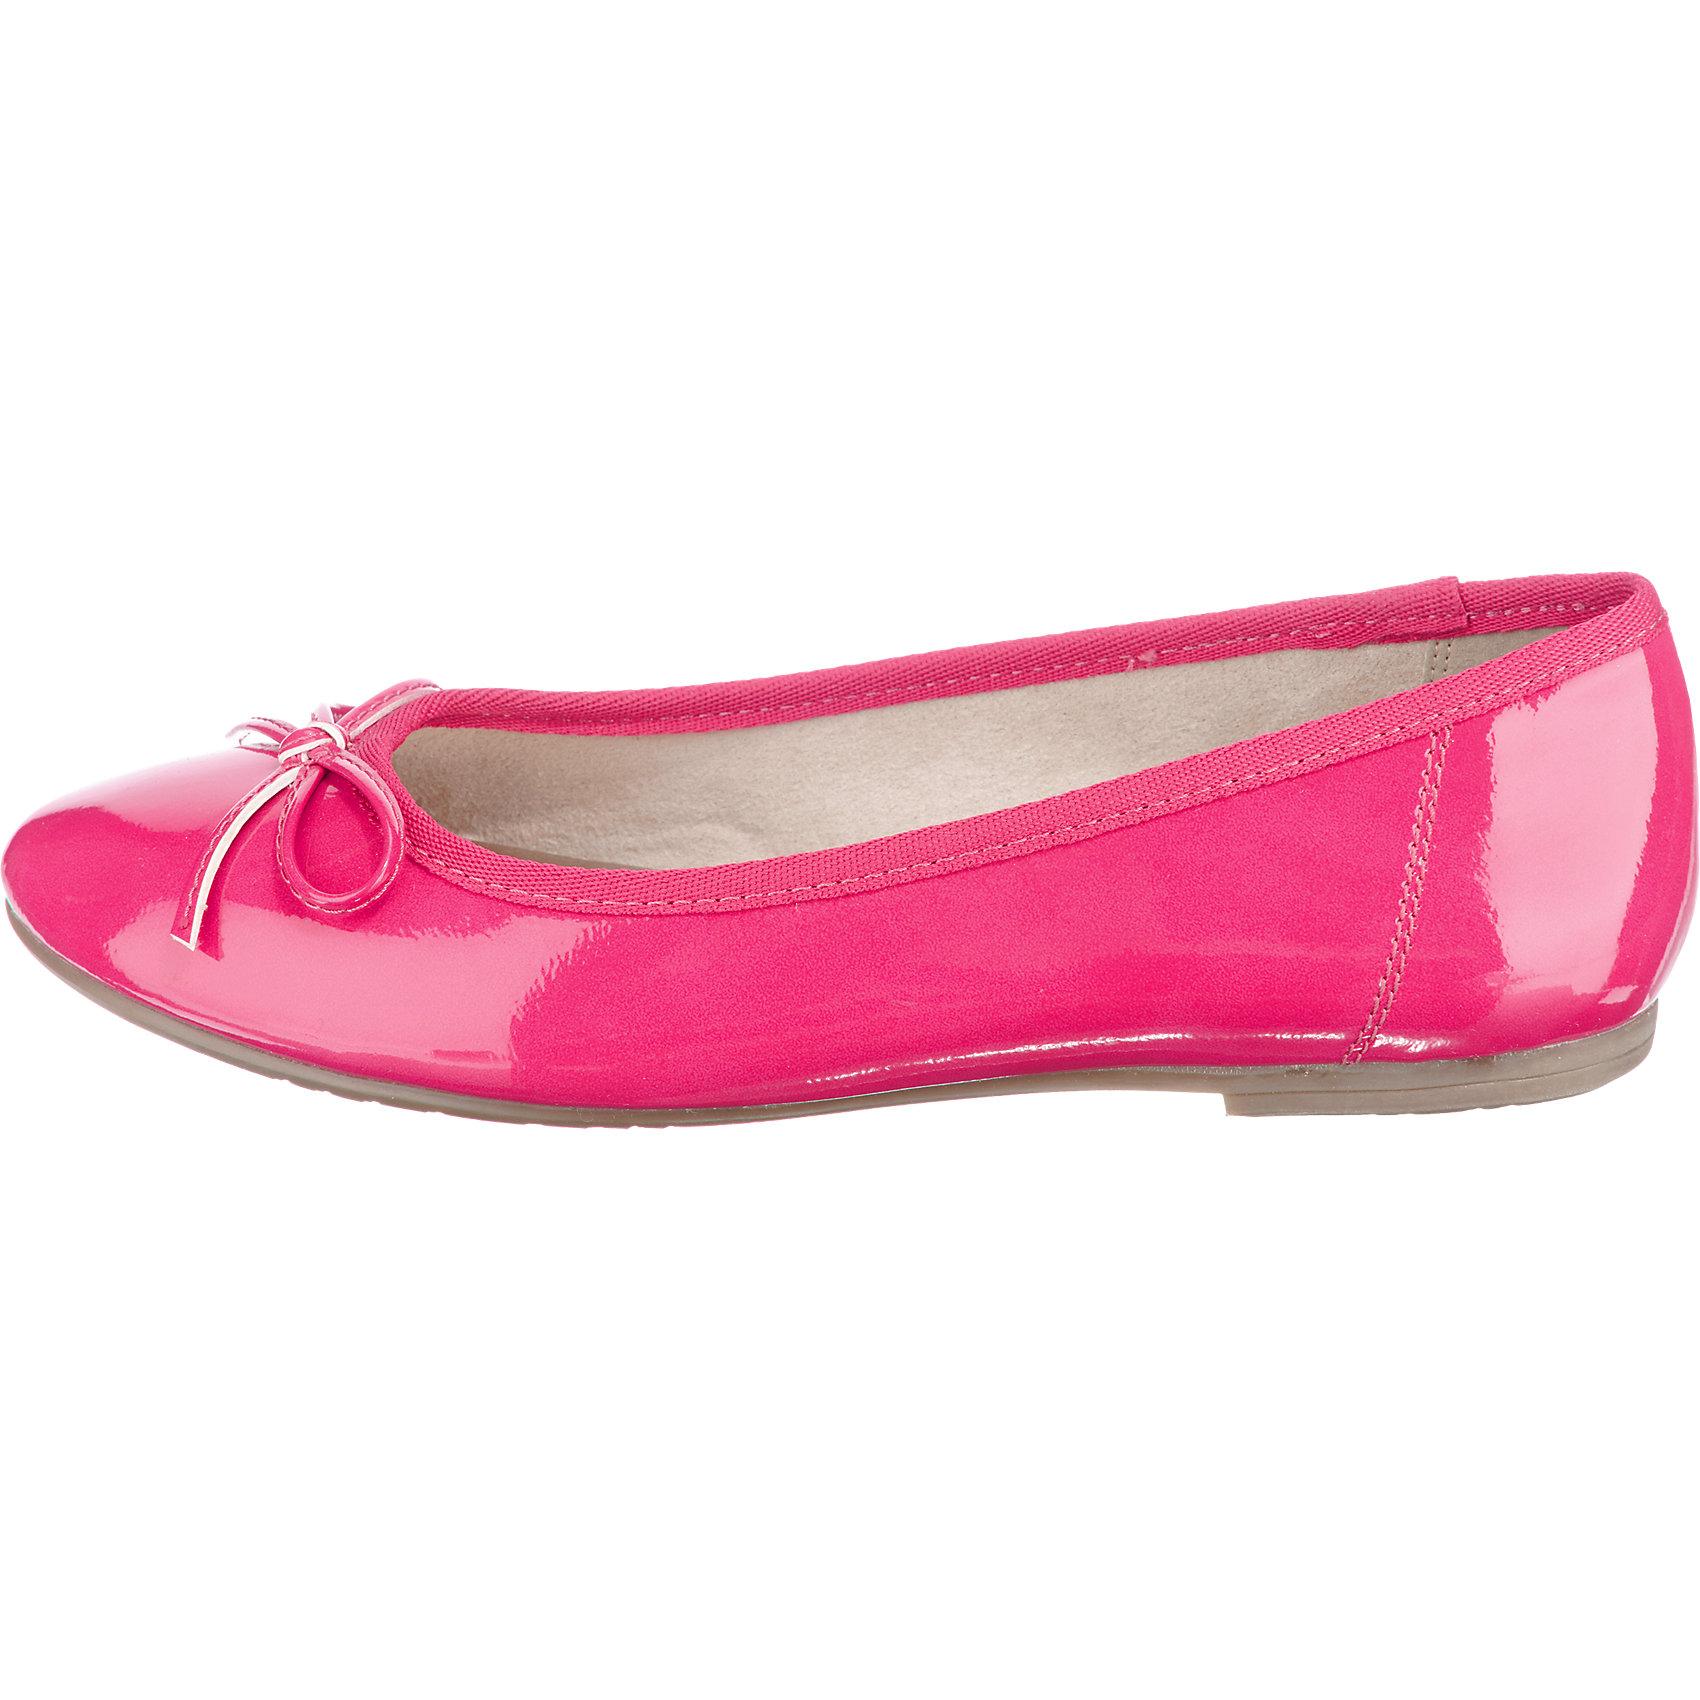 Neu Tamaris Crenna Pink Ballerinas Damen Auf Verkauf